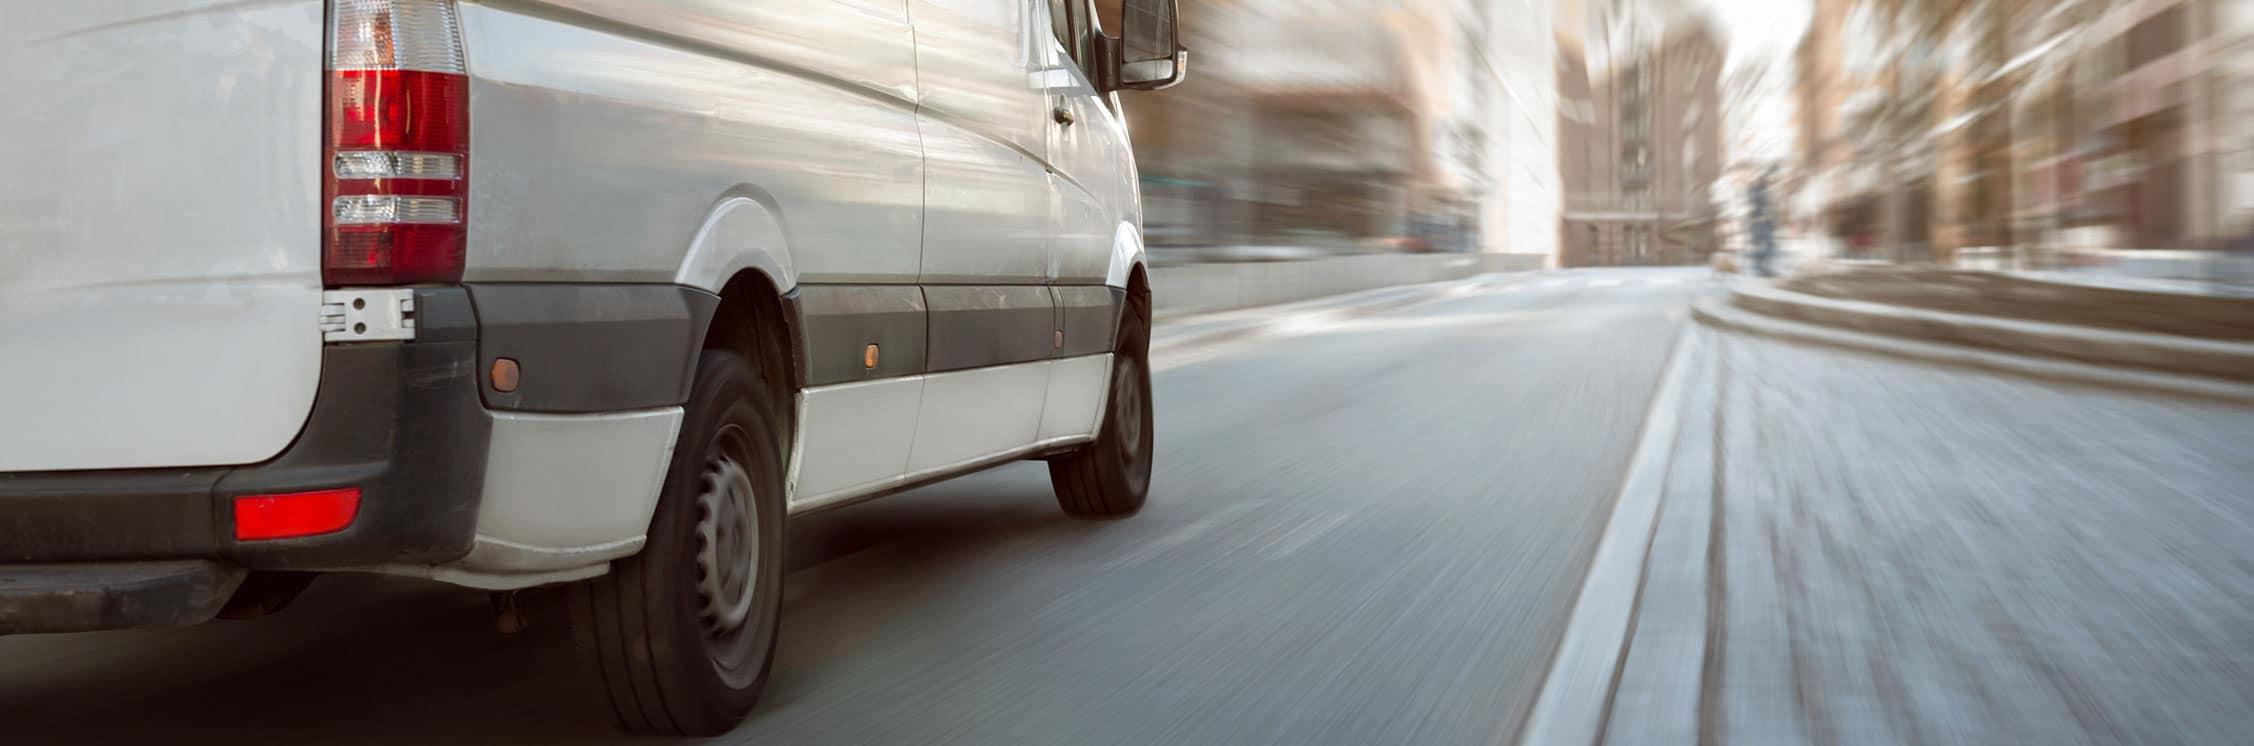 Financement de véhicules professionnels à Epinal